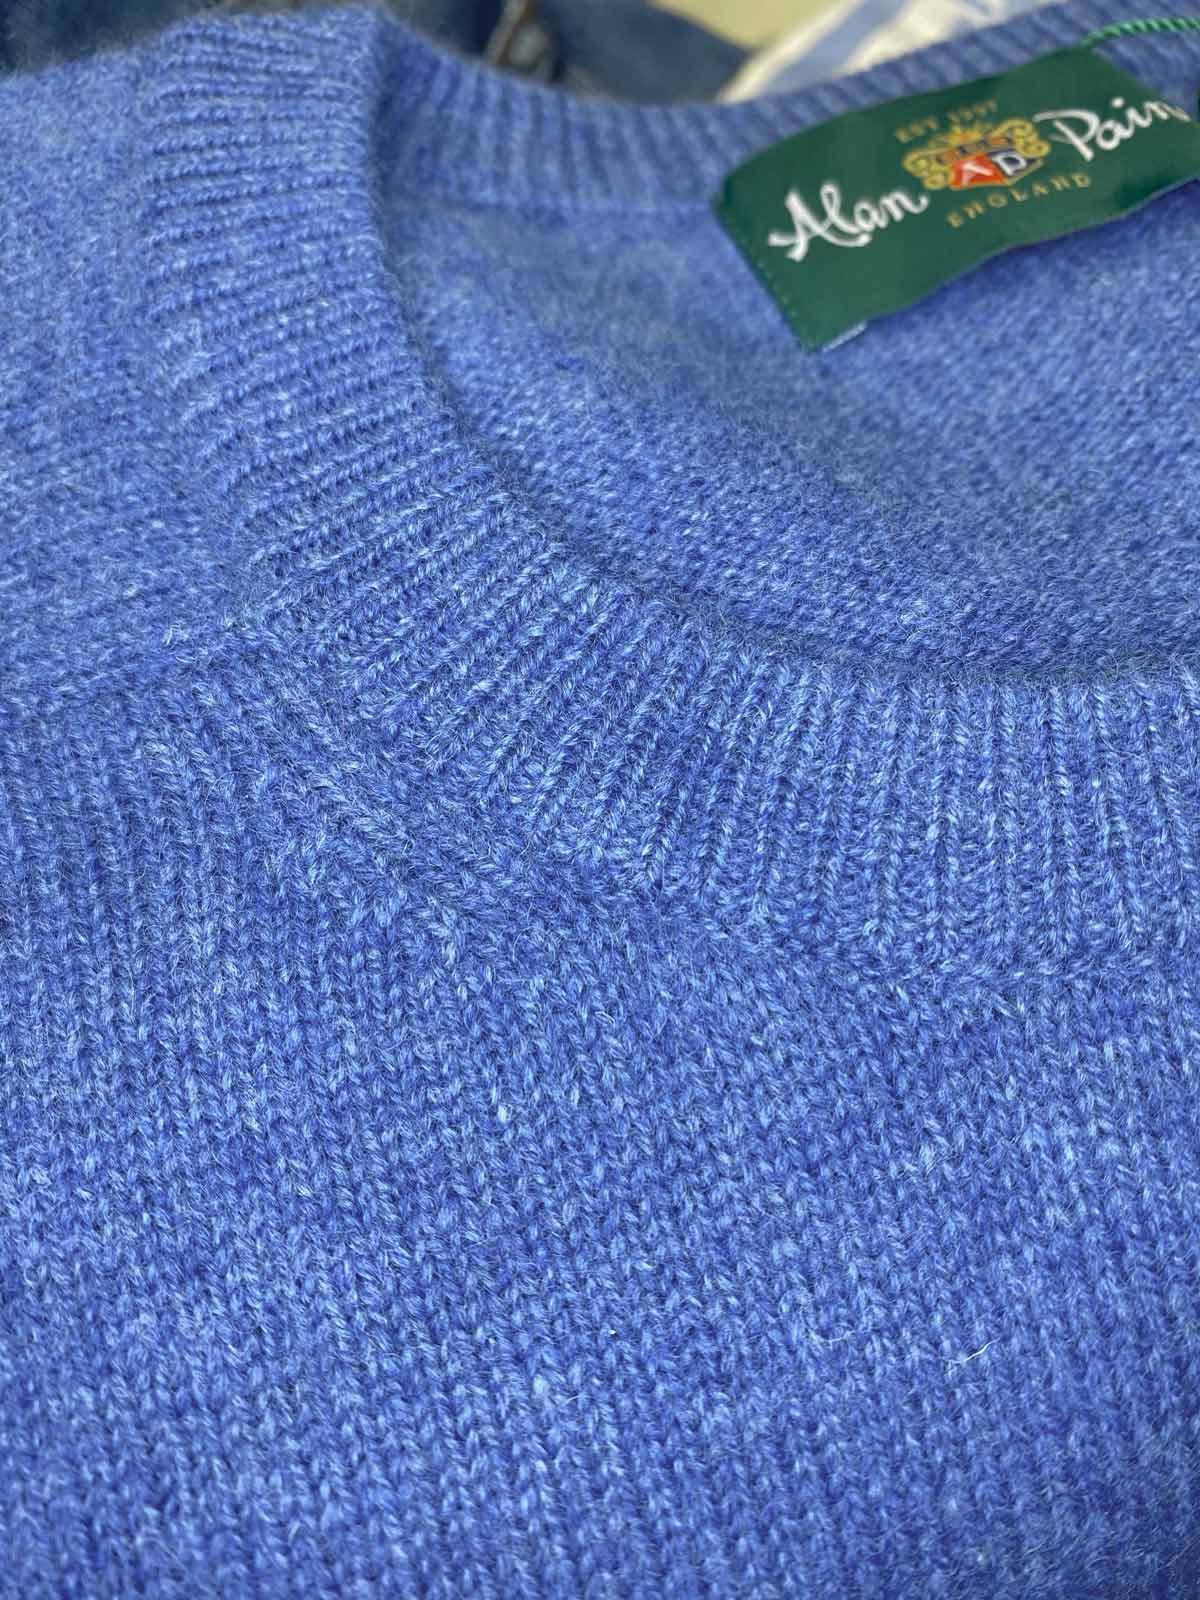 come scegliere il maglione alan paine